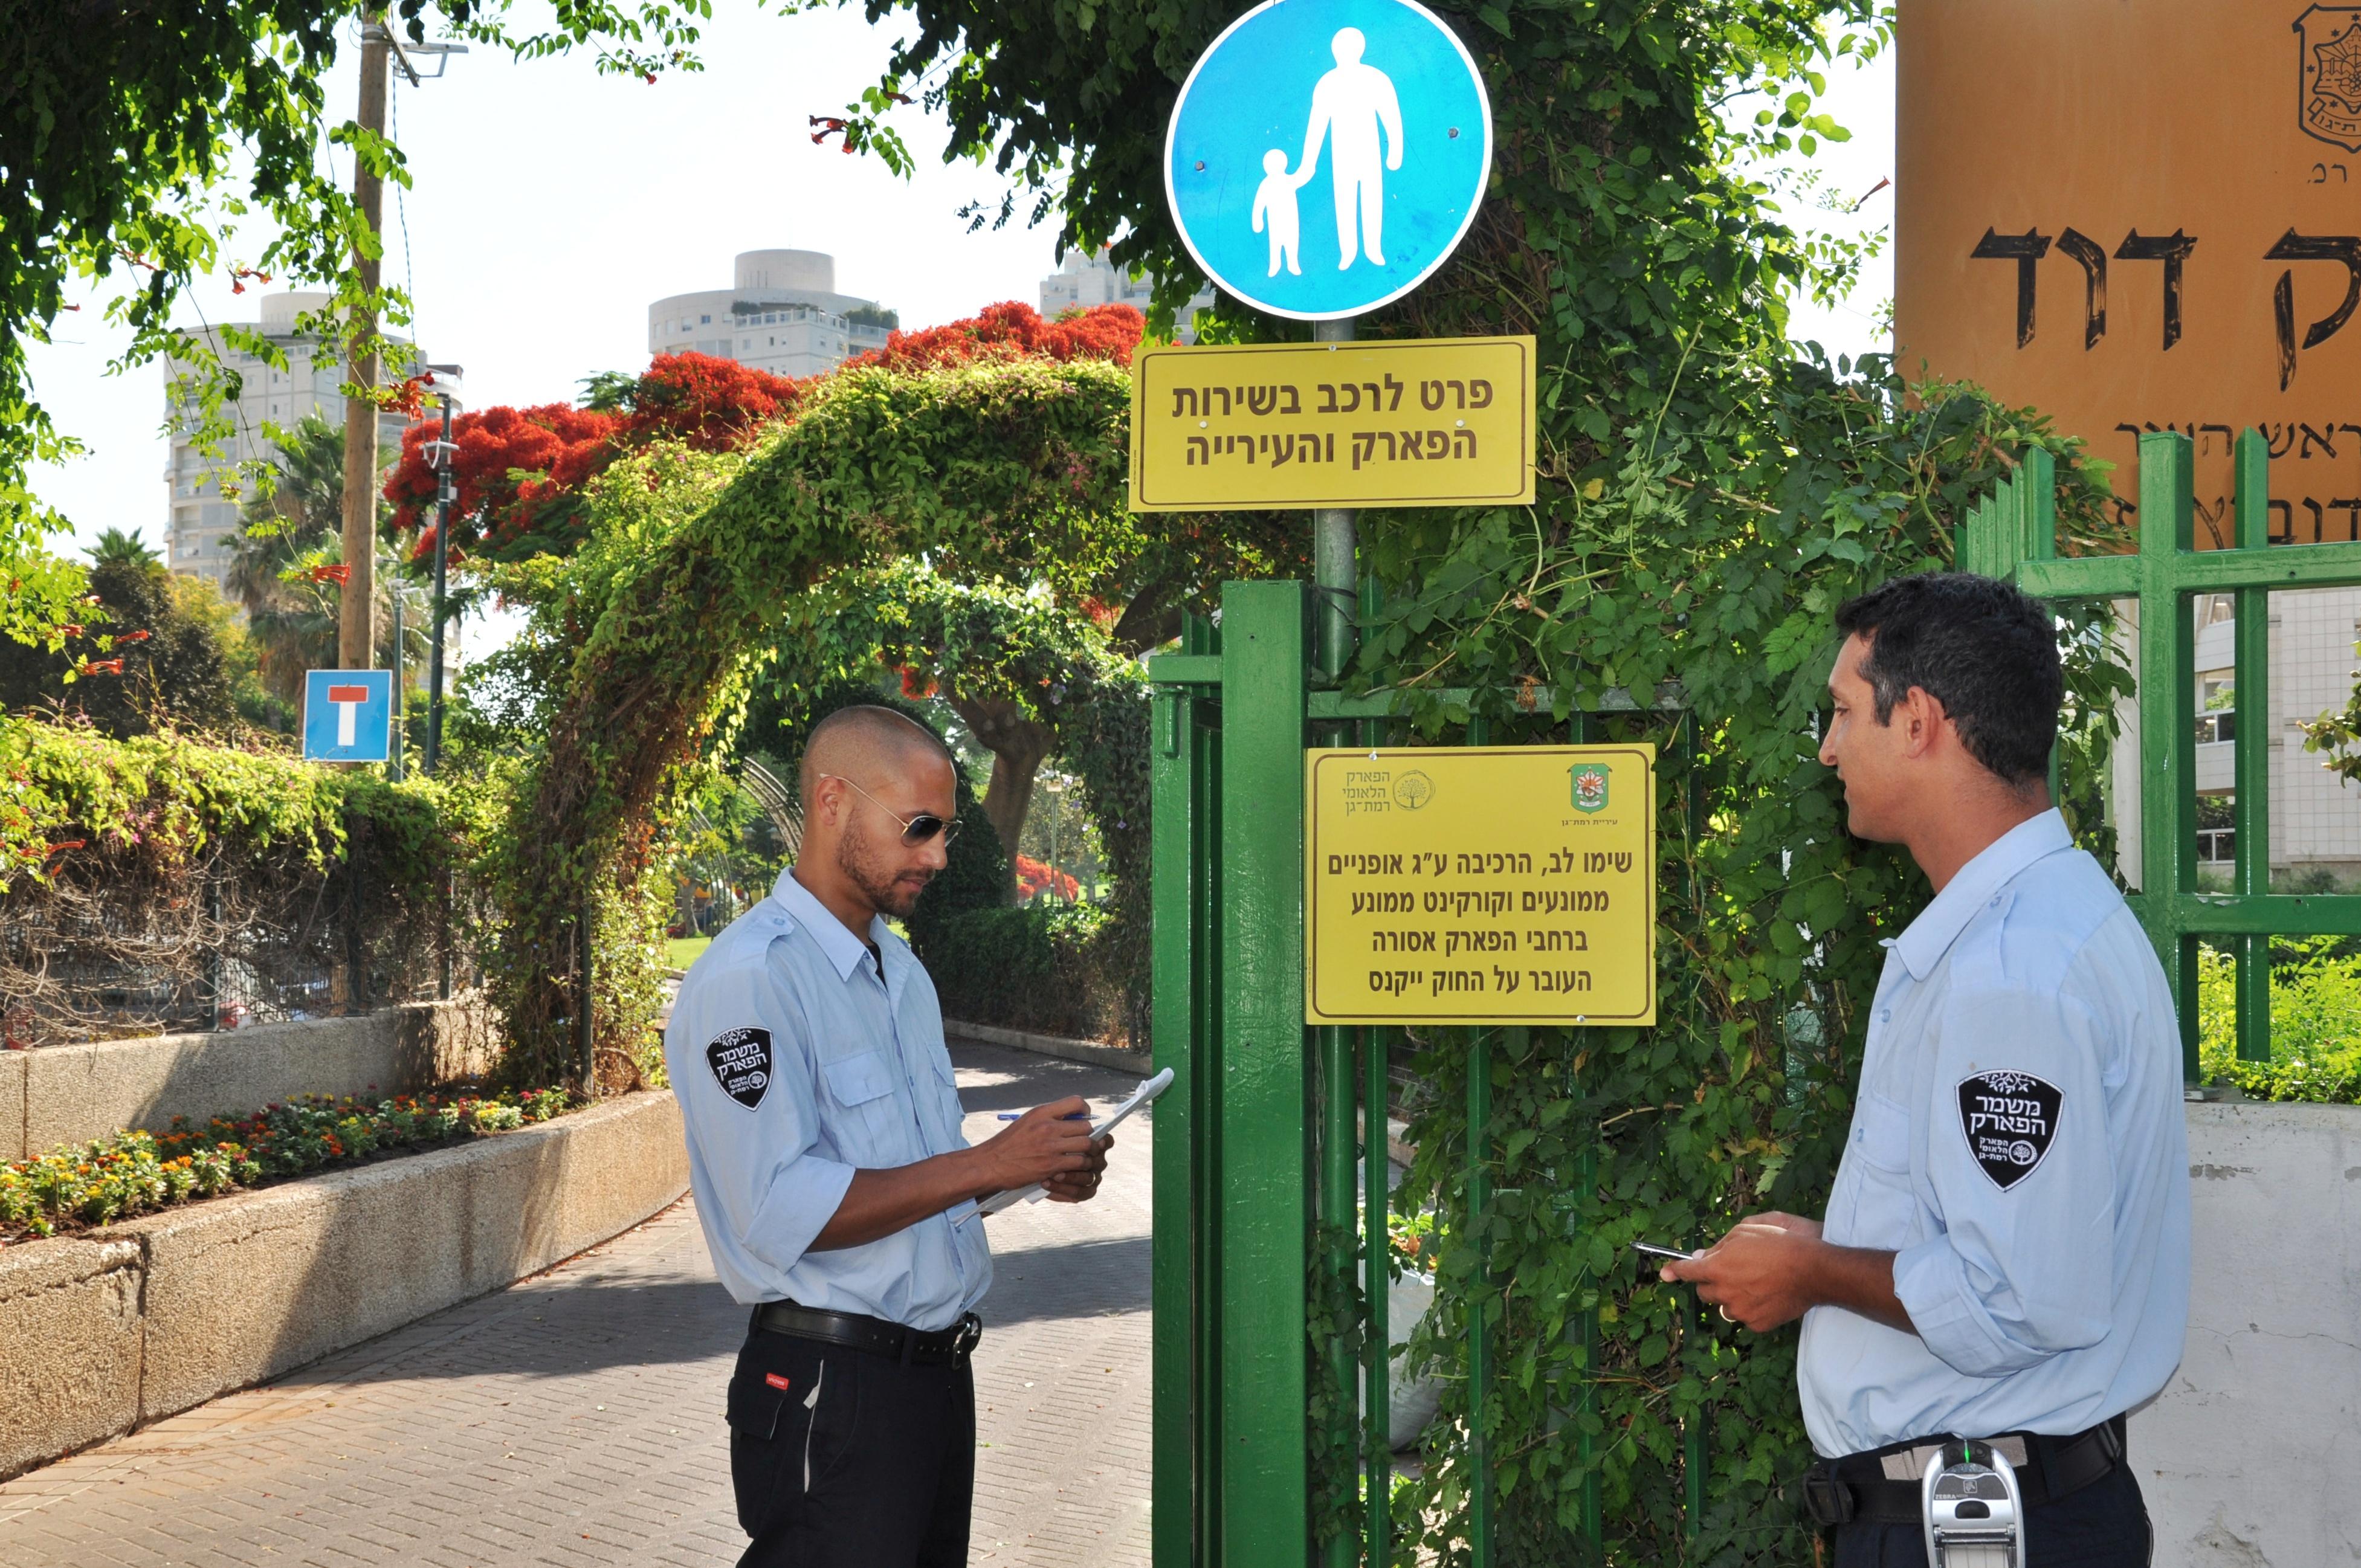 Photo of החל מהשבוע: עיריית רמת גן תאכוף את חוק האופניים בפארק דוד מלמדוביץ